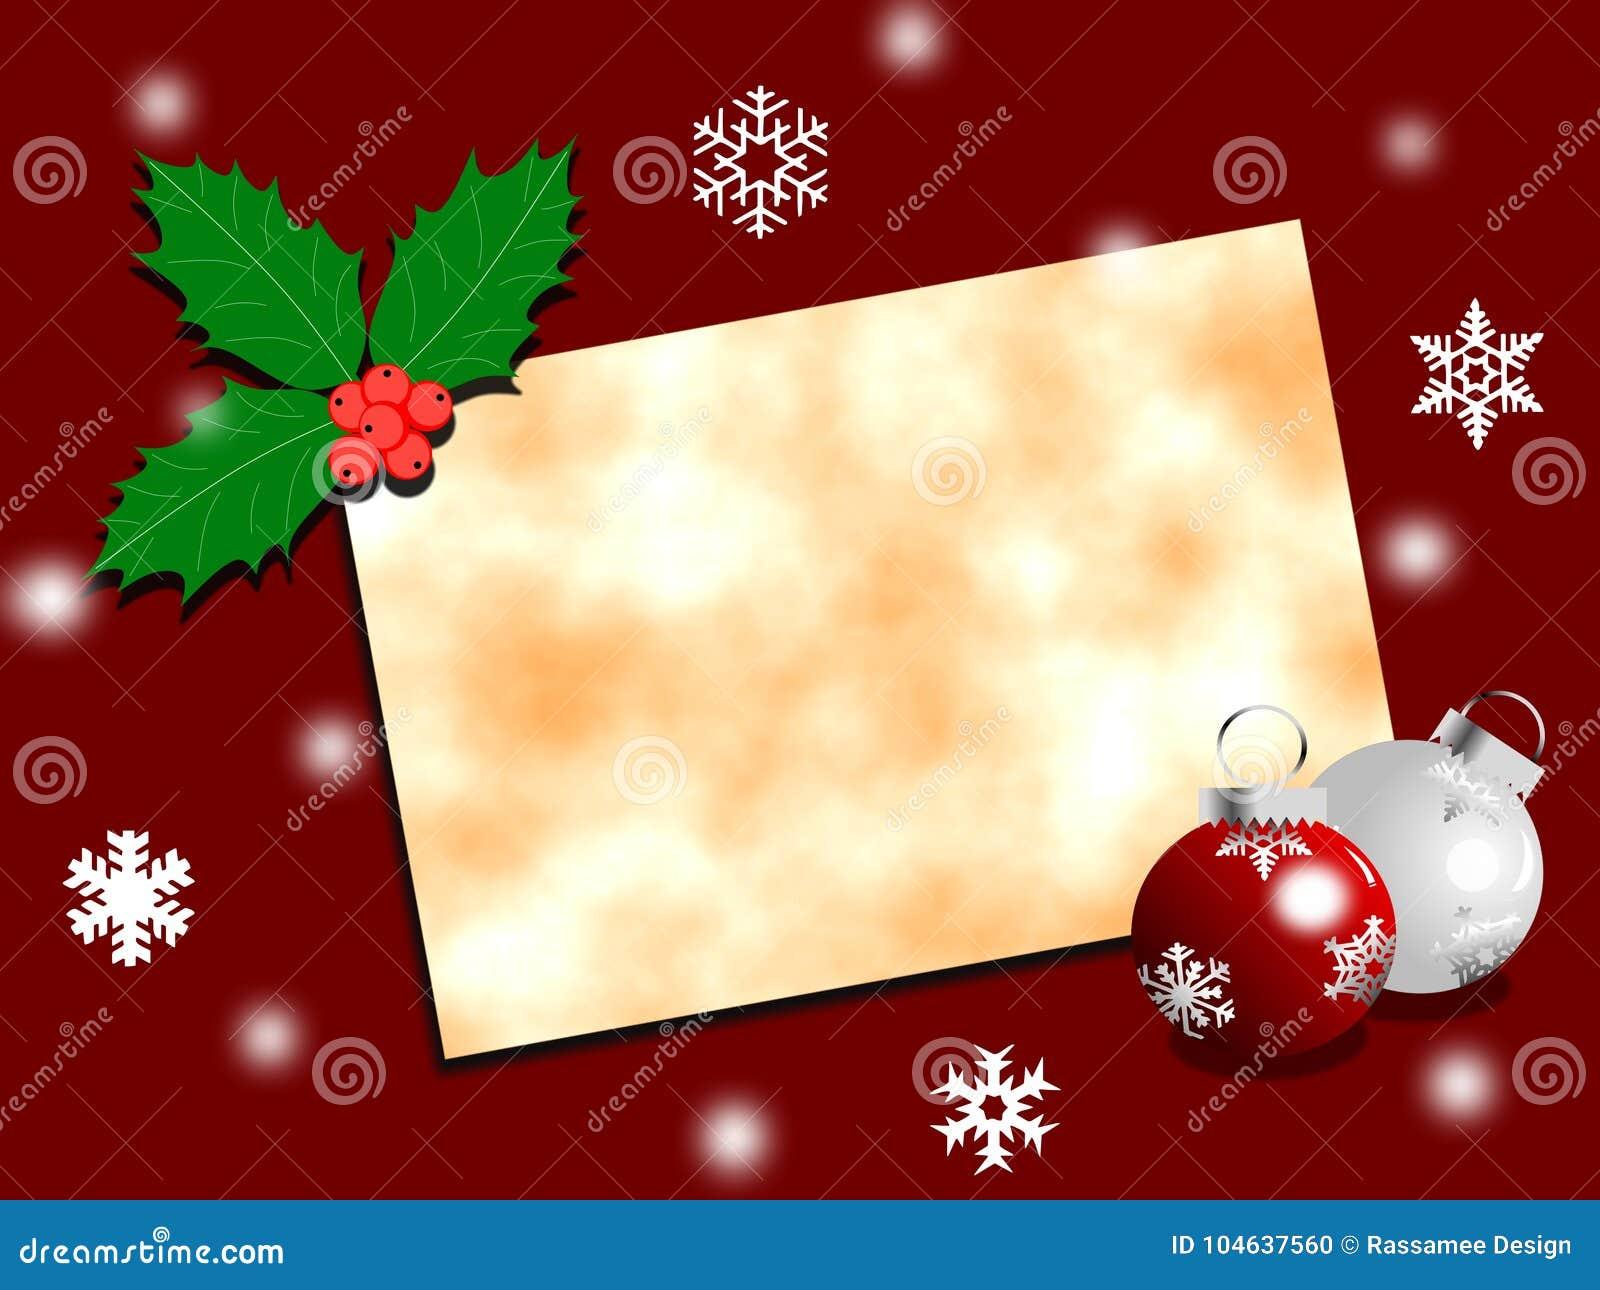 Download Kerstkaart Met Document En Decoratie Stock Illustratie - Illustratie bestaande uit ornament, helder: 104637560